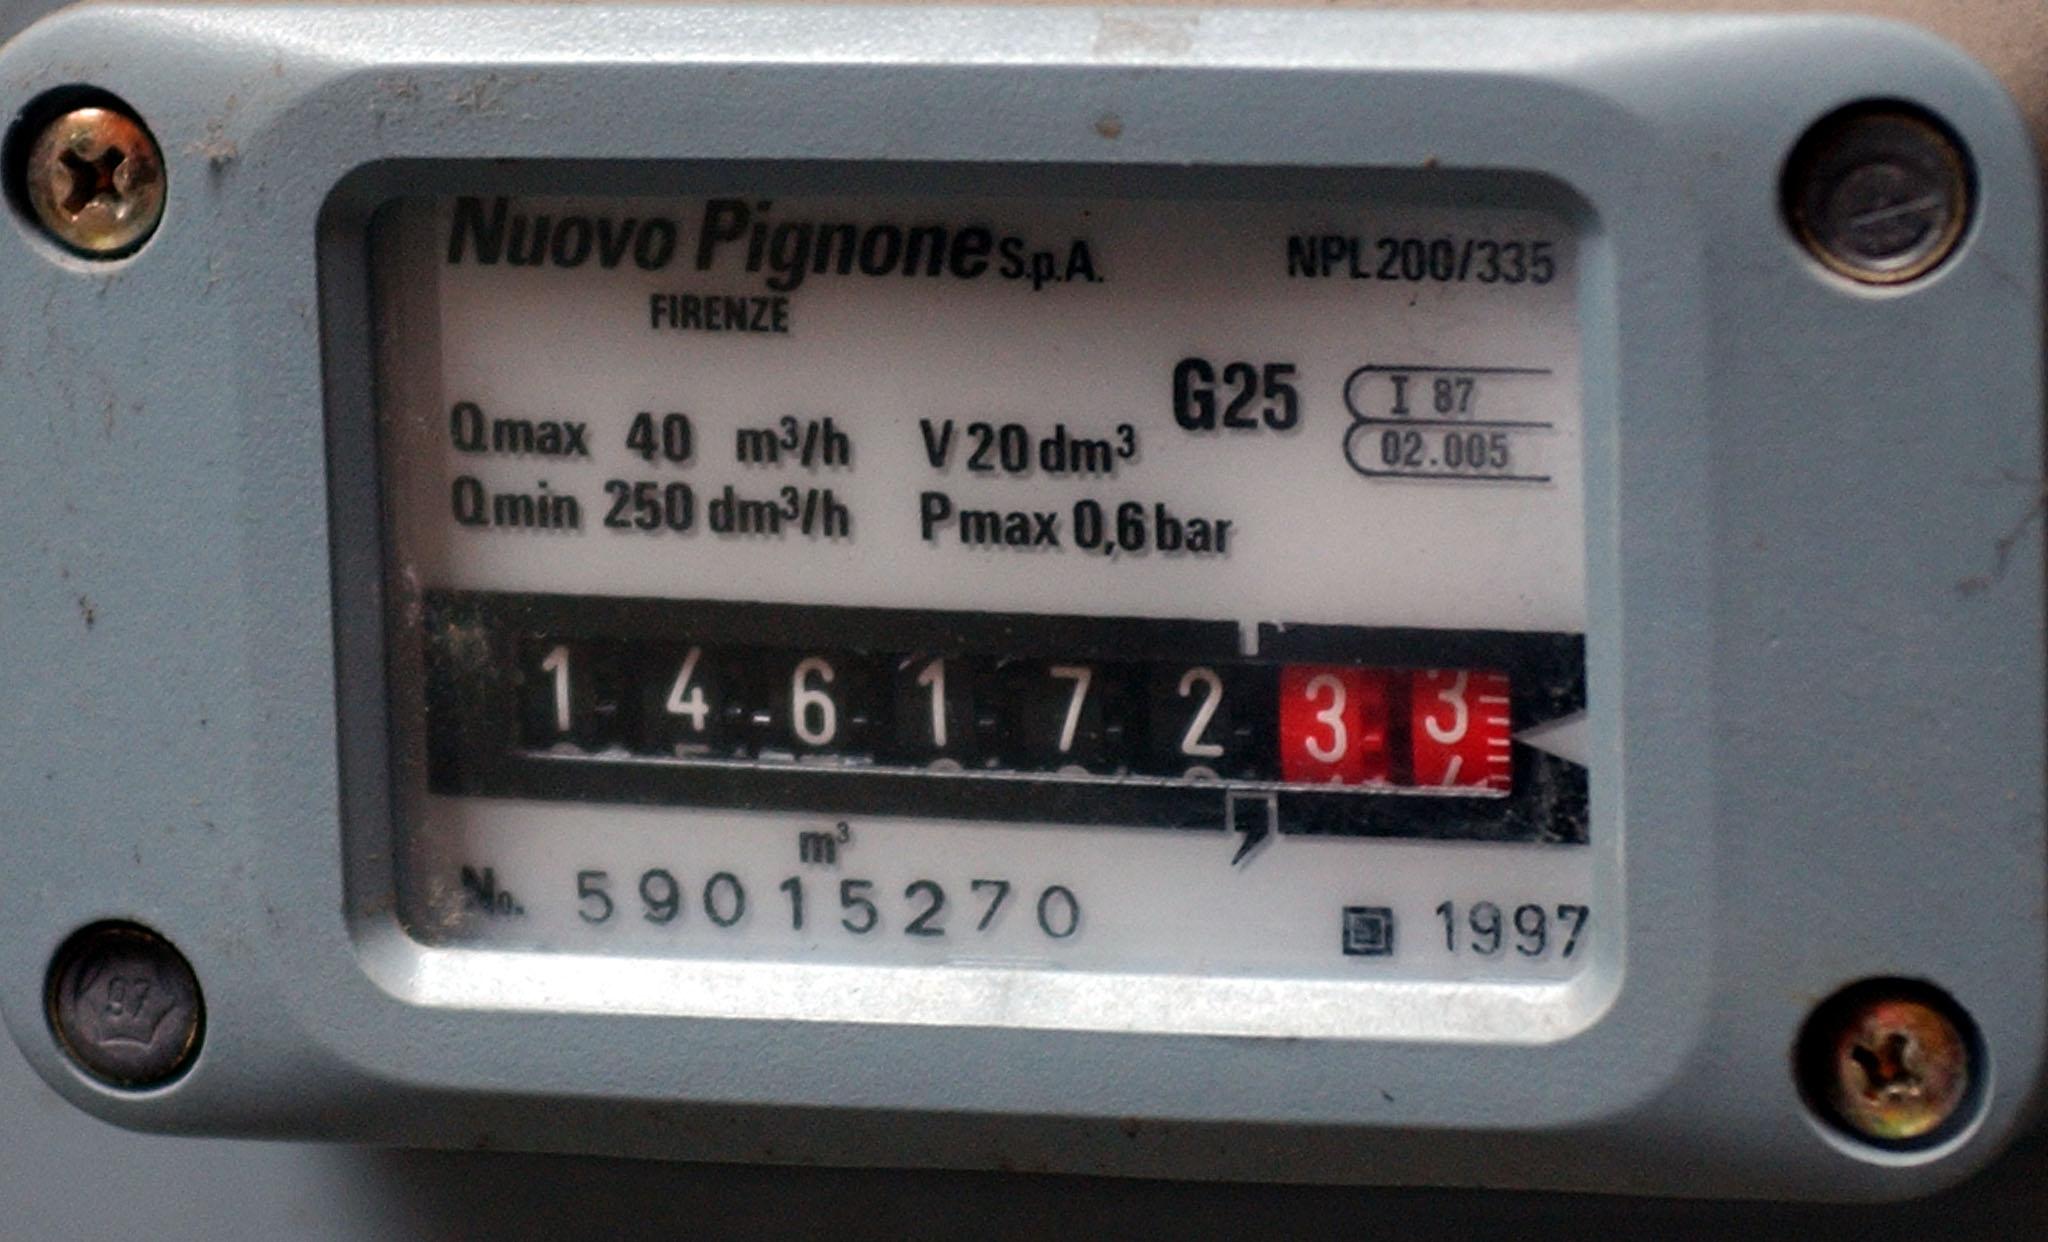 Autolettura gas Edison - offertenergia.it